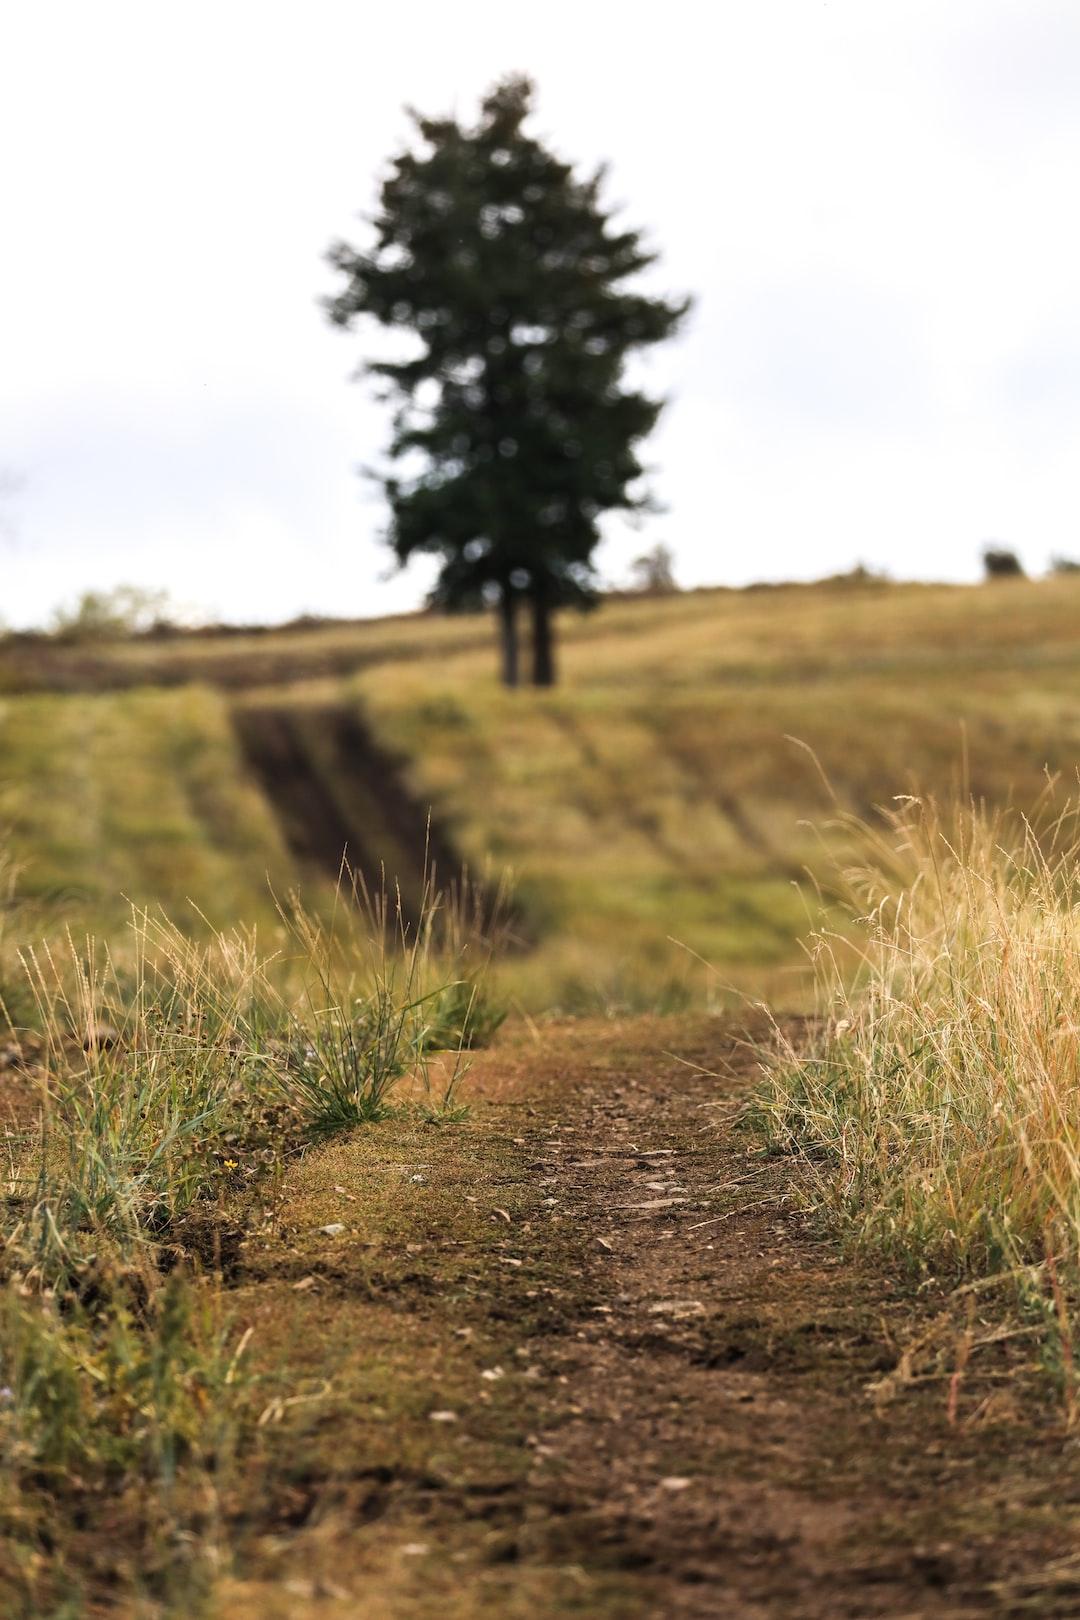 Patrick Hendry - Towards the Tree